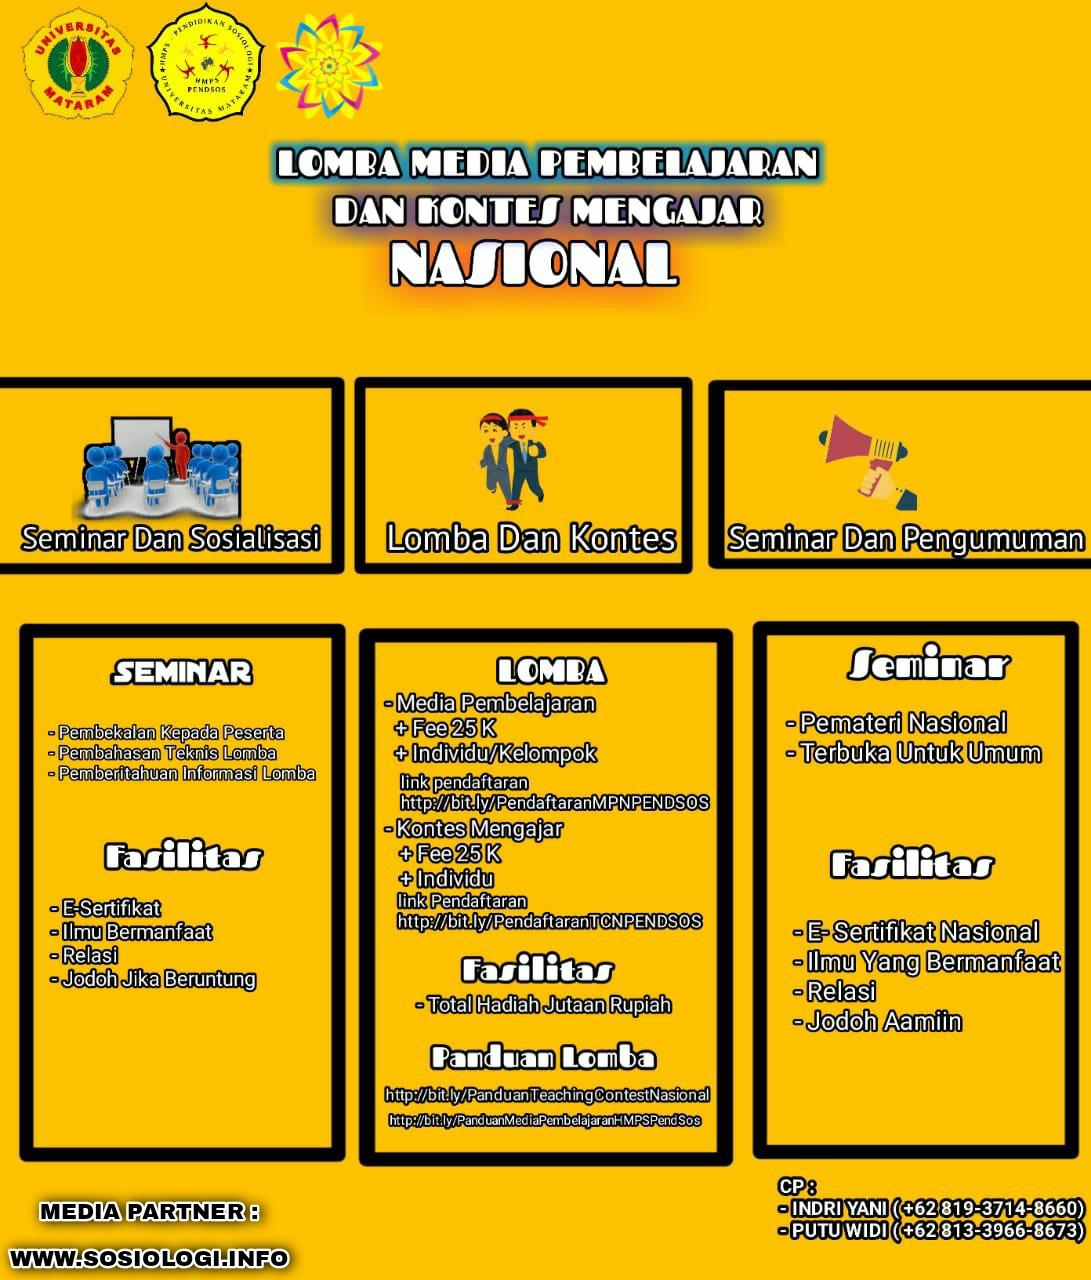 Lomba Media Pembelajaran dan Teaching Contest Nasional untuk Mahasiswa